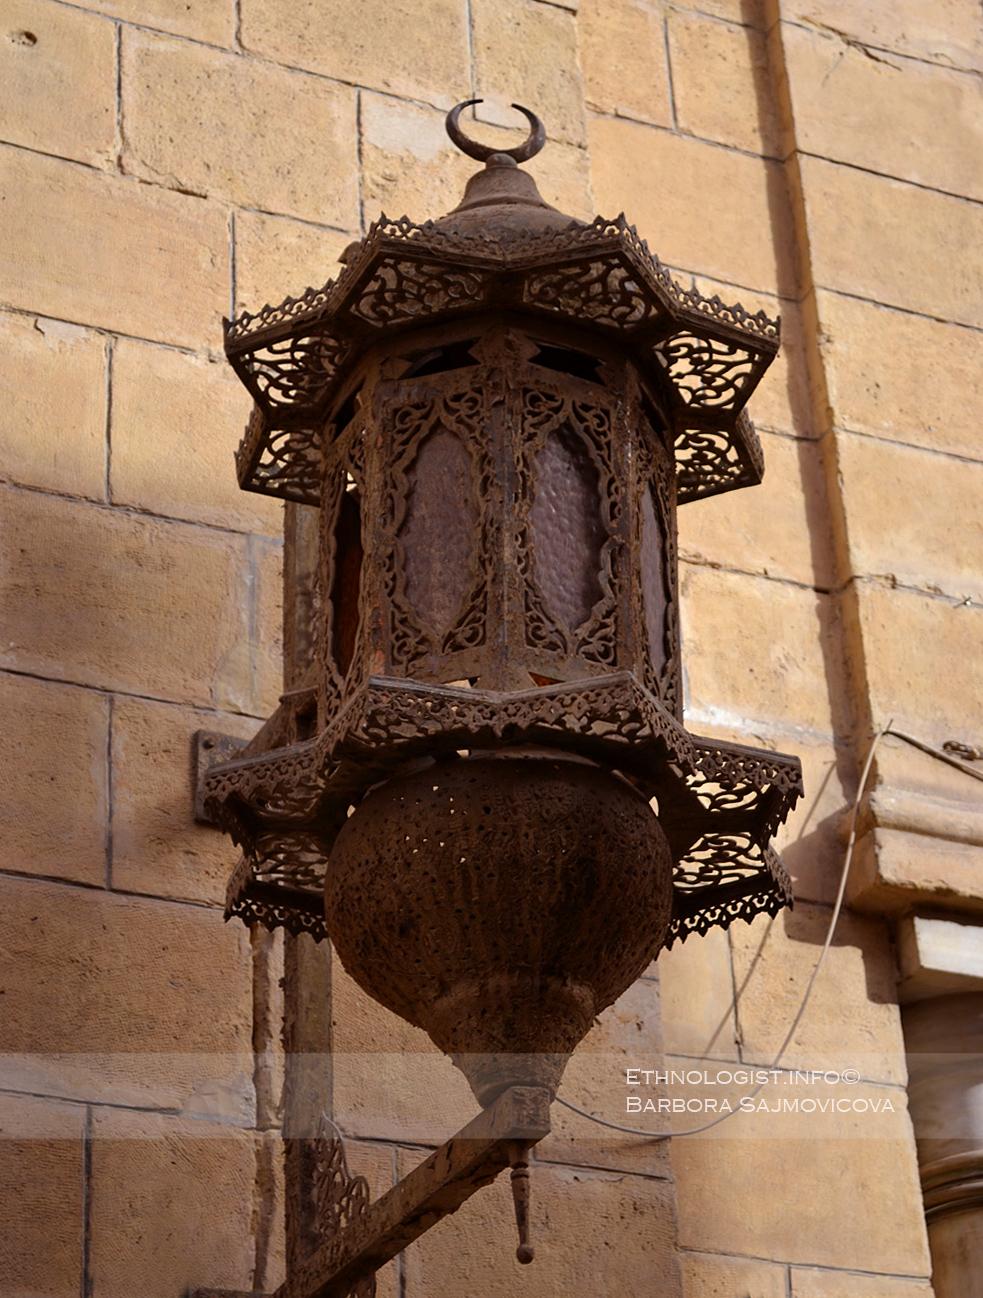 Osvětlení v ulicích Staré Káhiry. Foto: Barbora Šajmovičová, 2011.